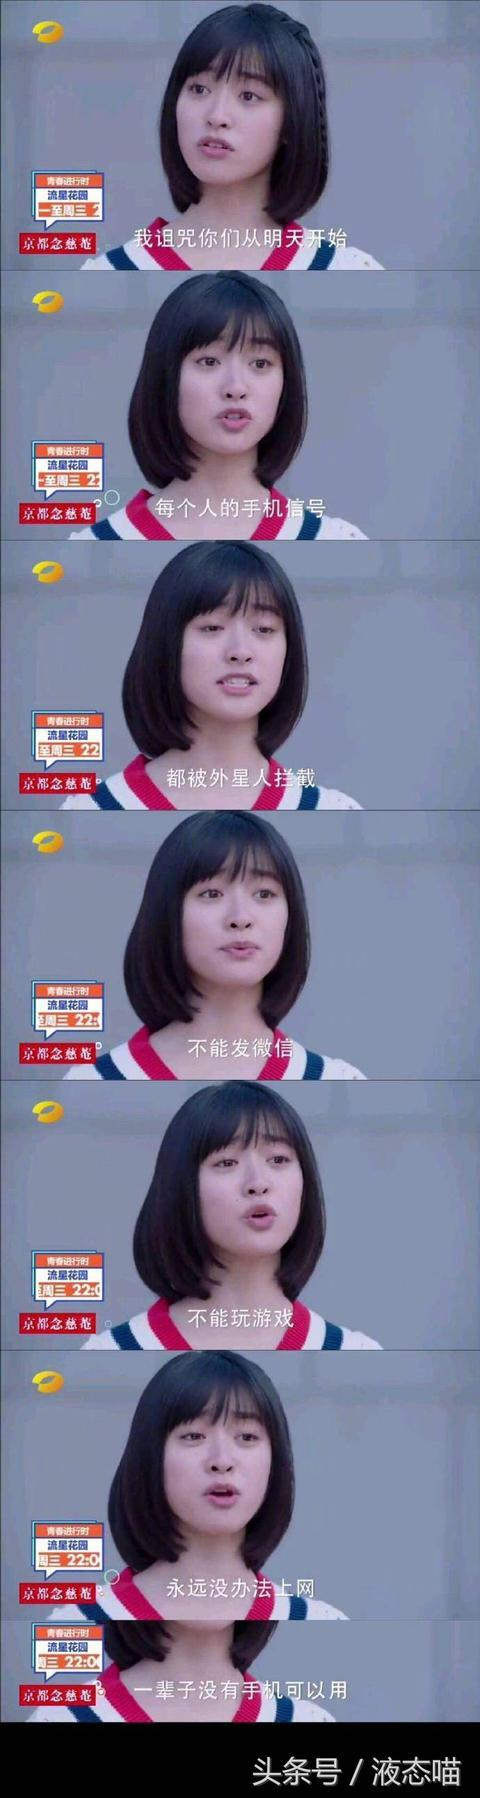 沈月王鹤棣版《新流星花园》强势开播,网友:这台词是在逗我?